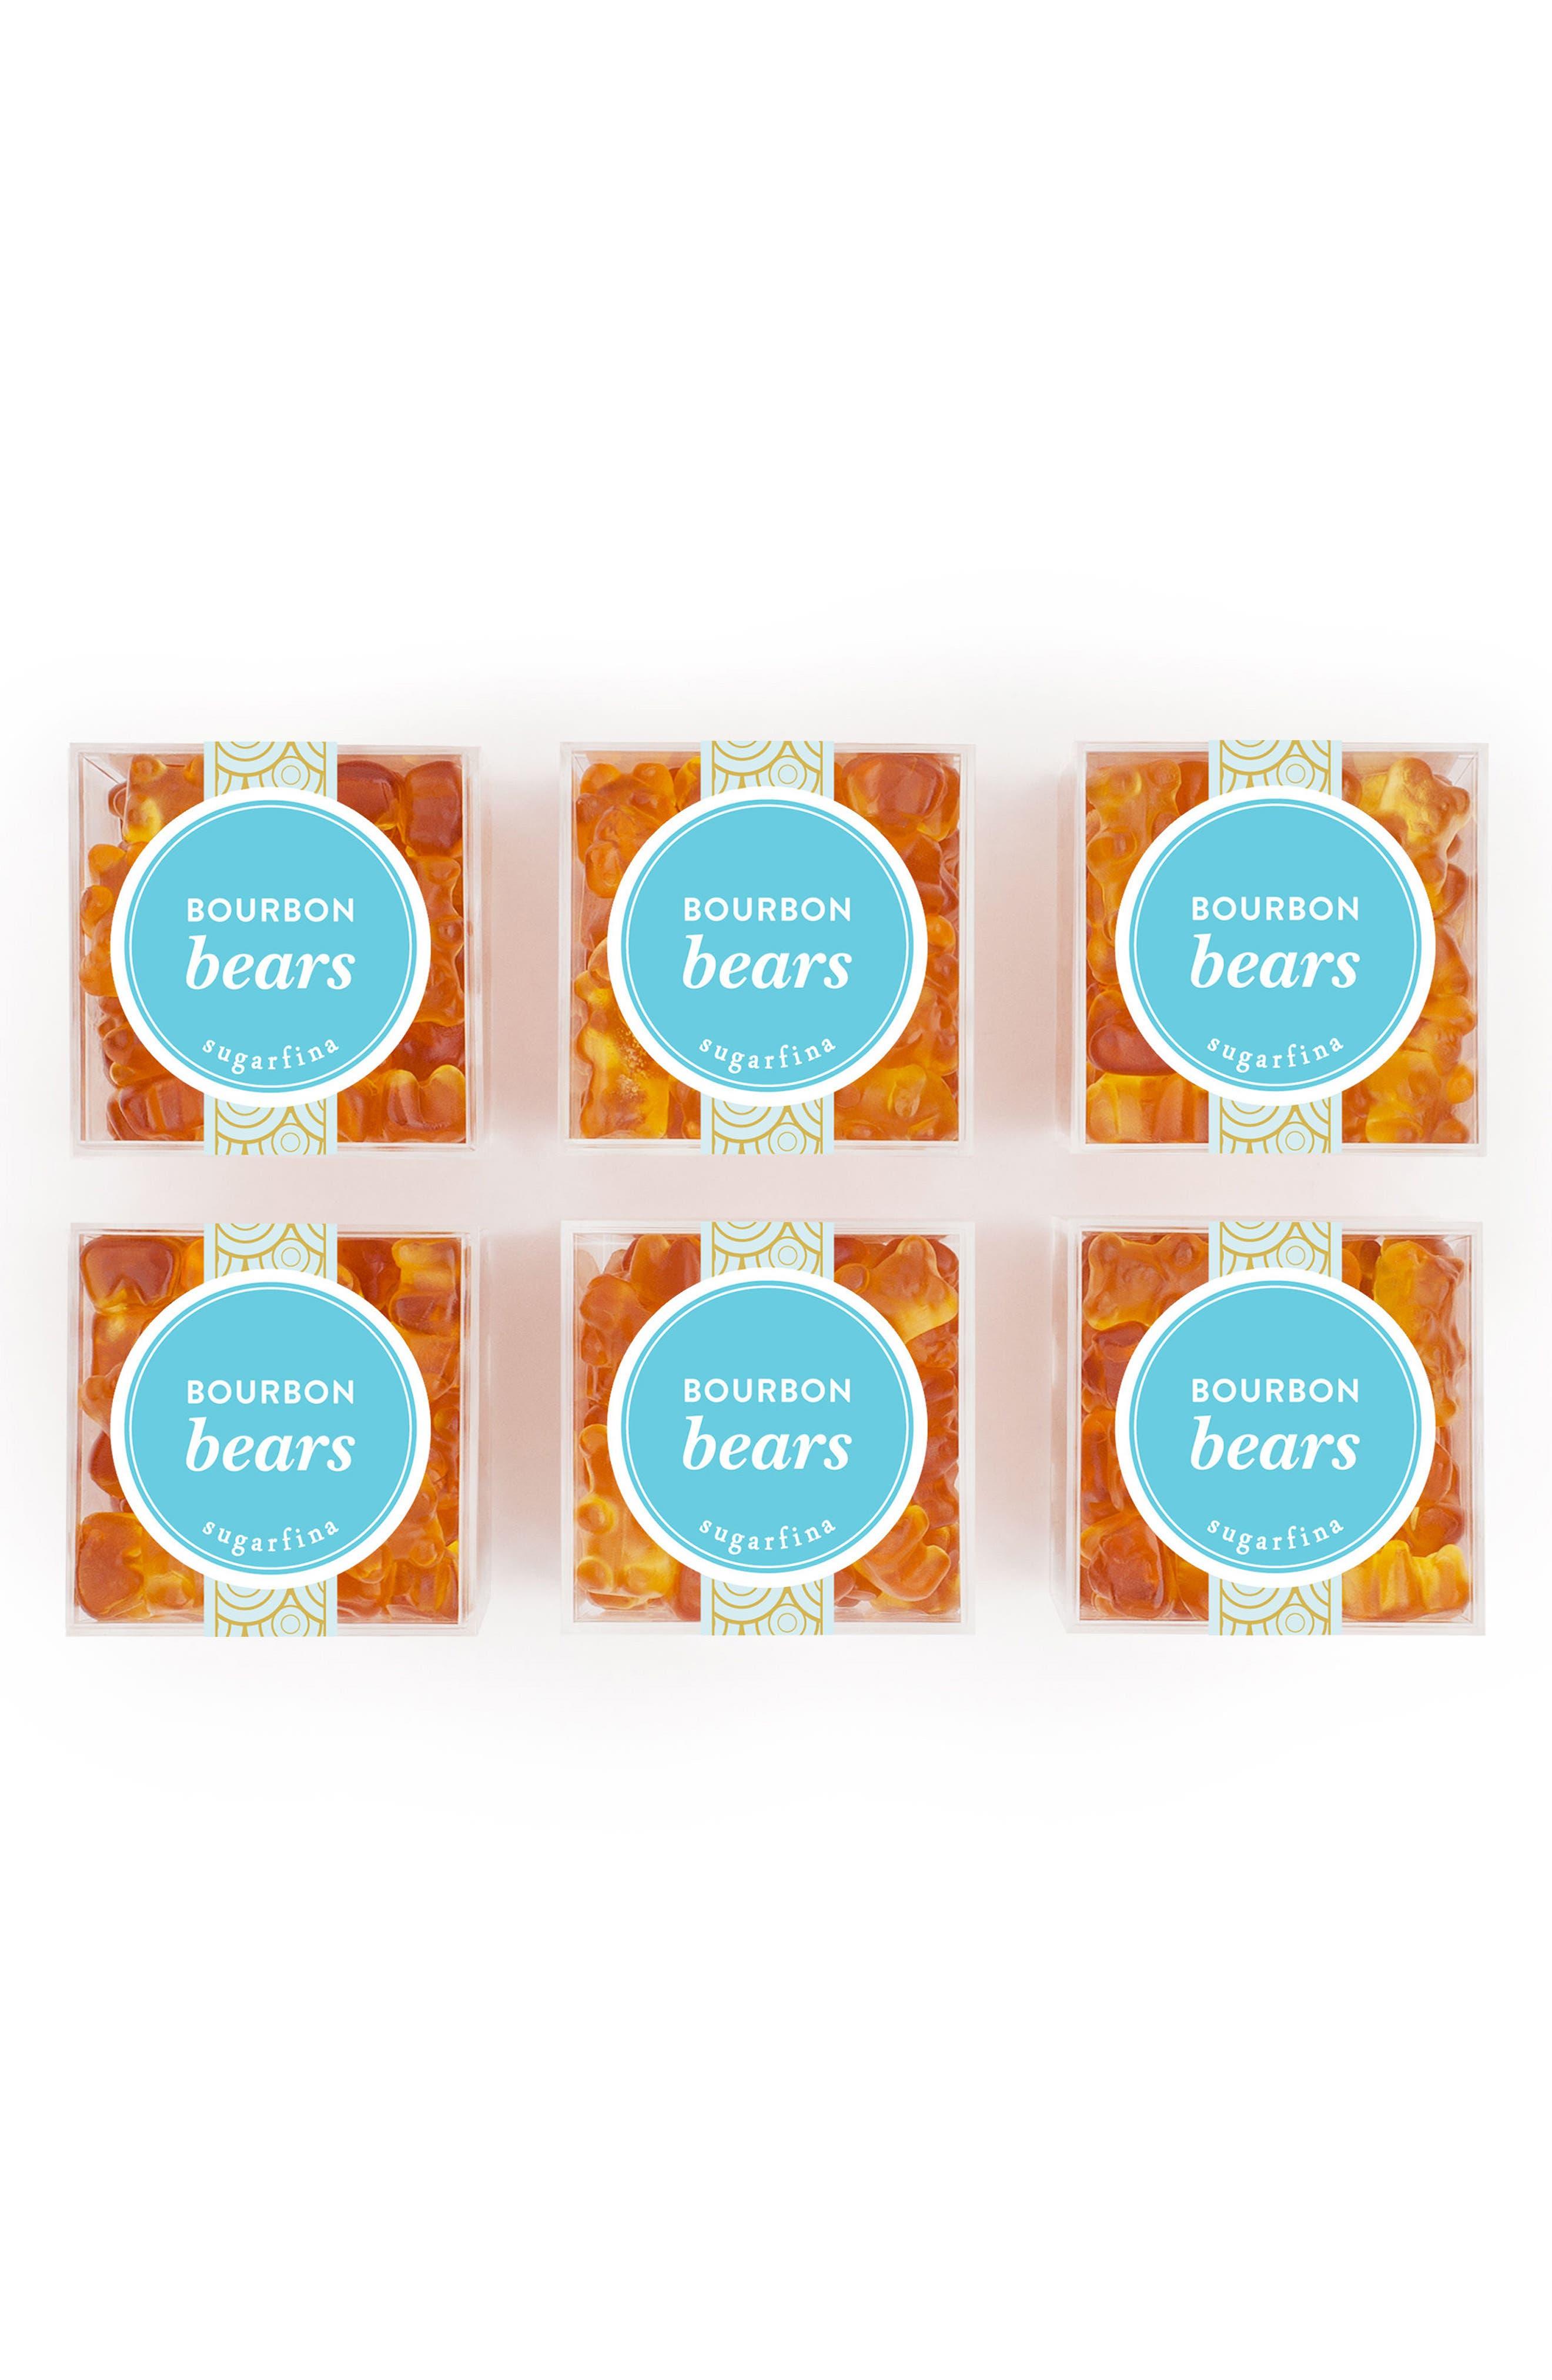 Set of 6 Bourbon Bears Candy Cubes,                         Main,                         color, Orange